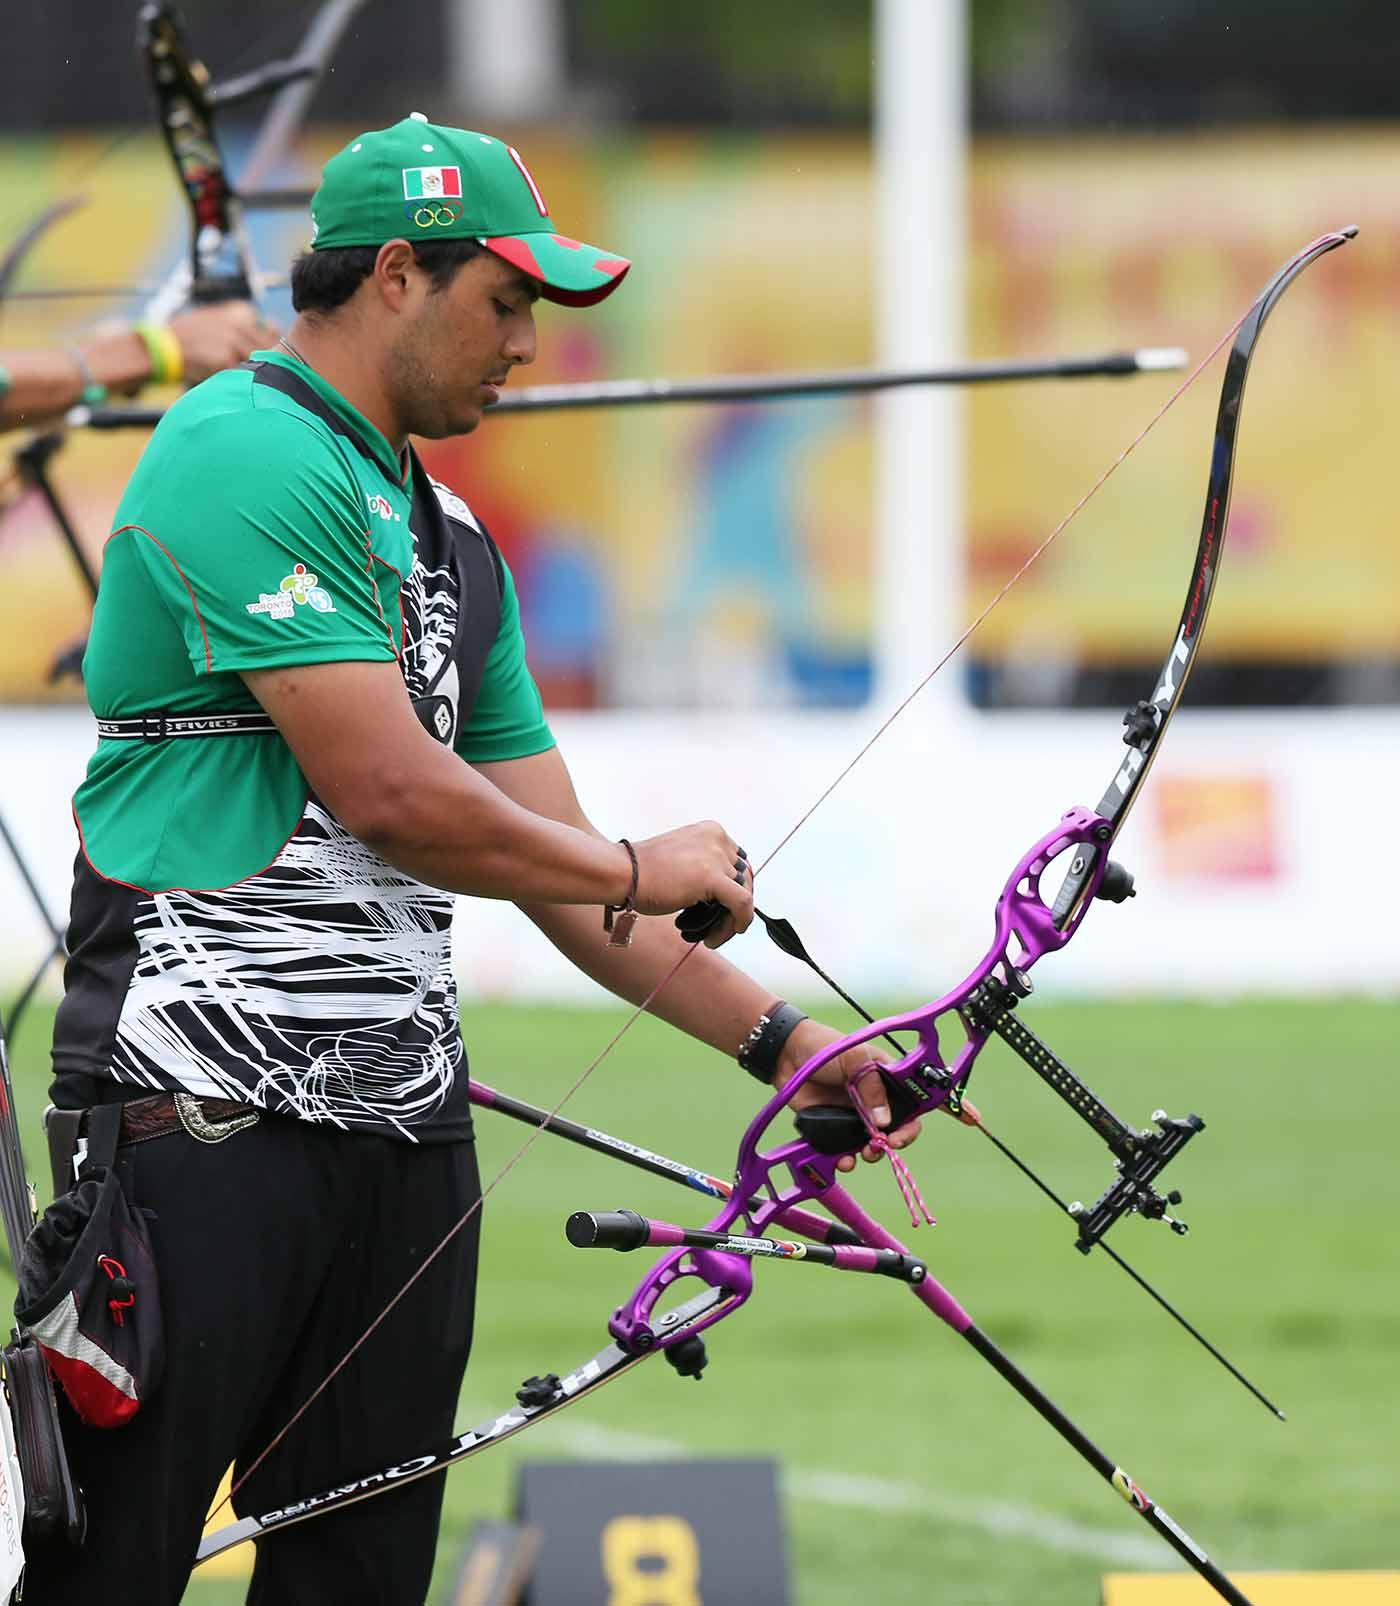 Ernesto_Boardman_Que_hacen_los_atletas_mexicanos.jpg